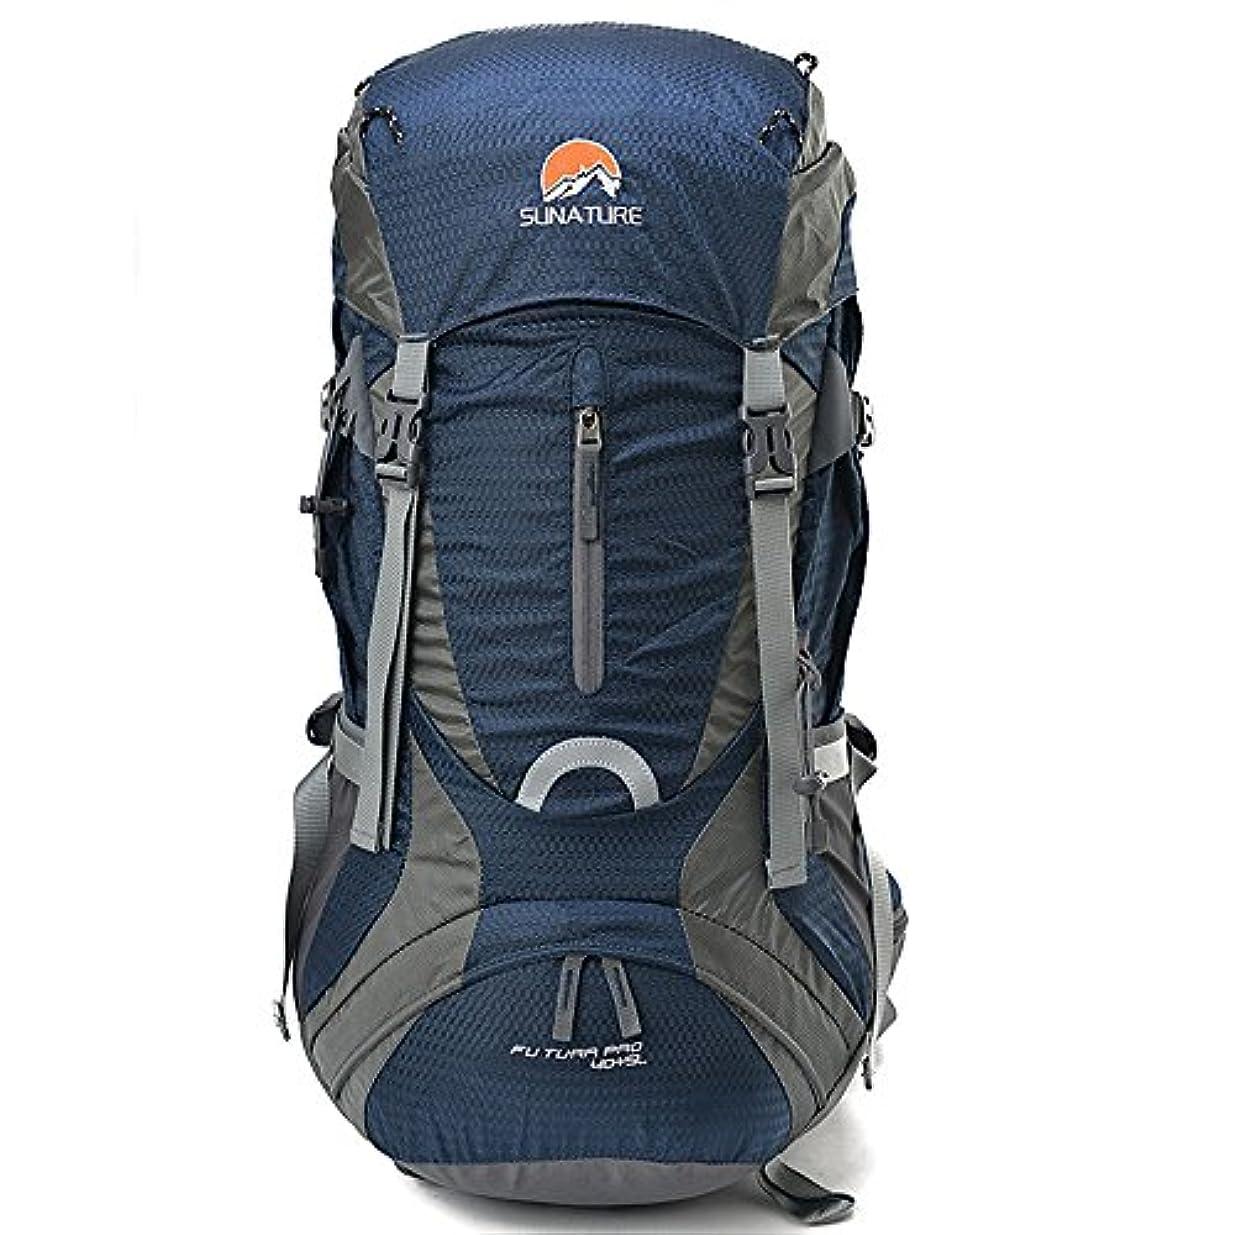 温度計石曖昧なYHDD バックパック大規模な多機能旅行ウォーキングで野生キャンプレジャースポーツニュートラルは屋外での使用に適して (色 : 青)